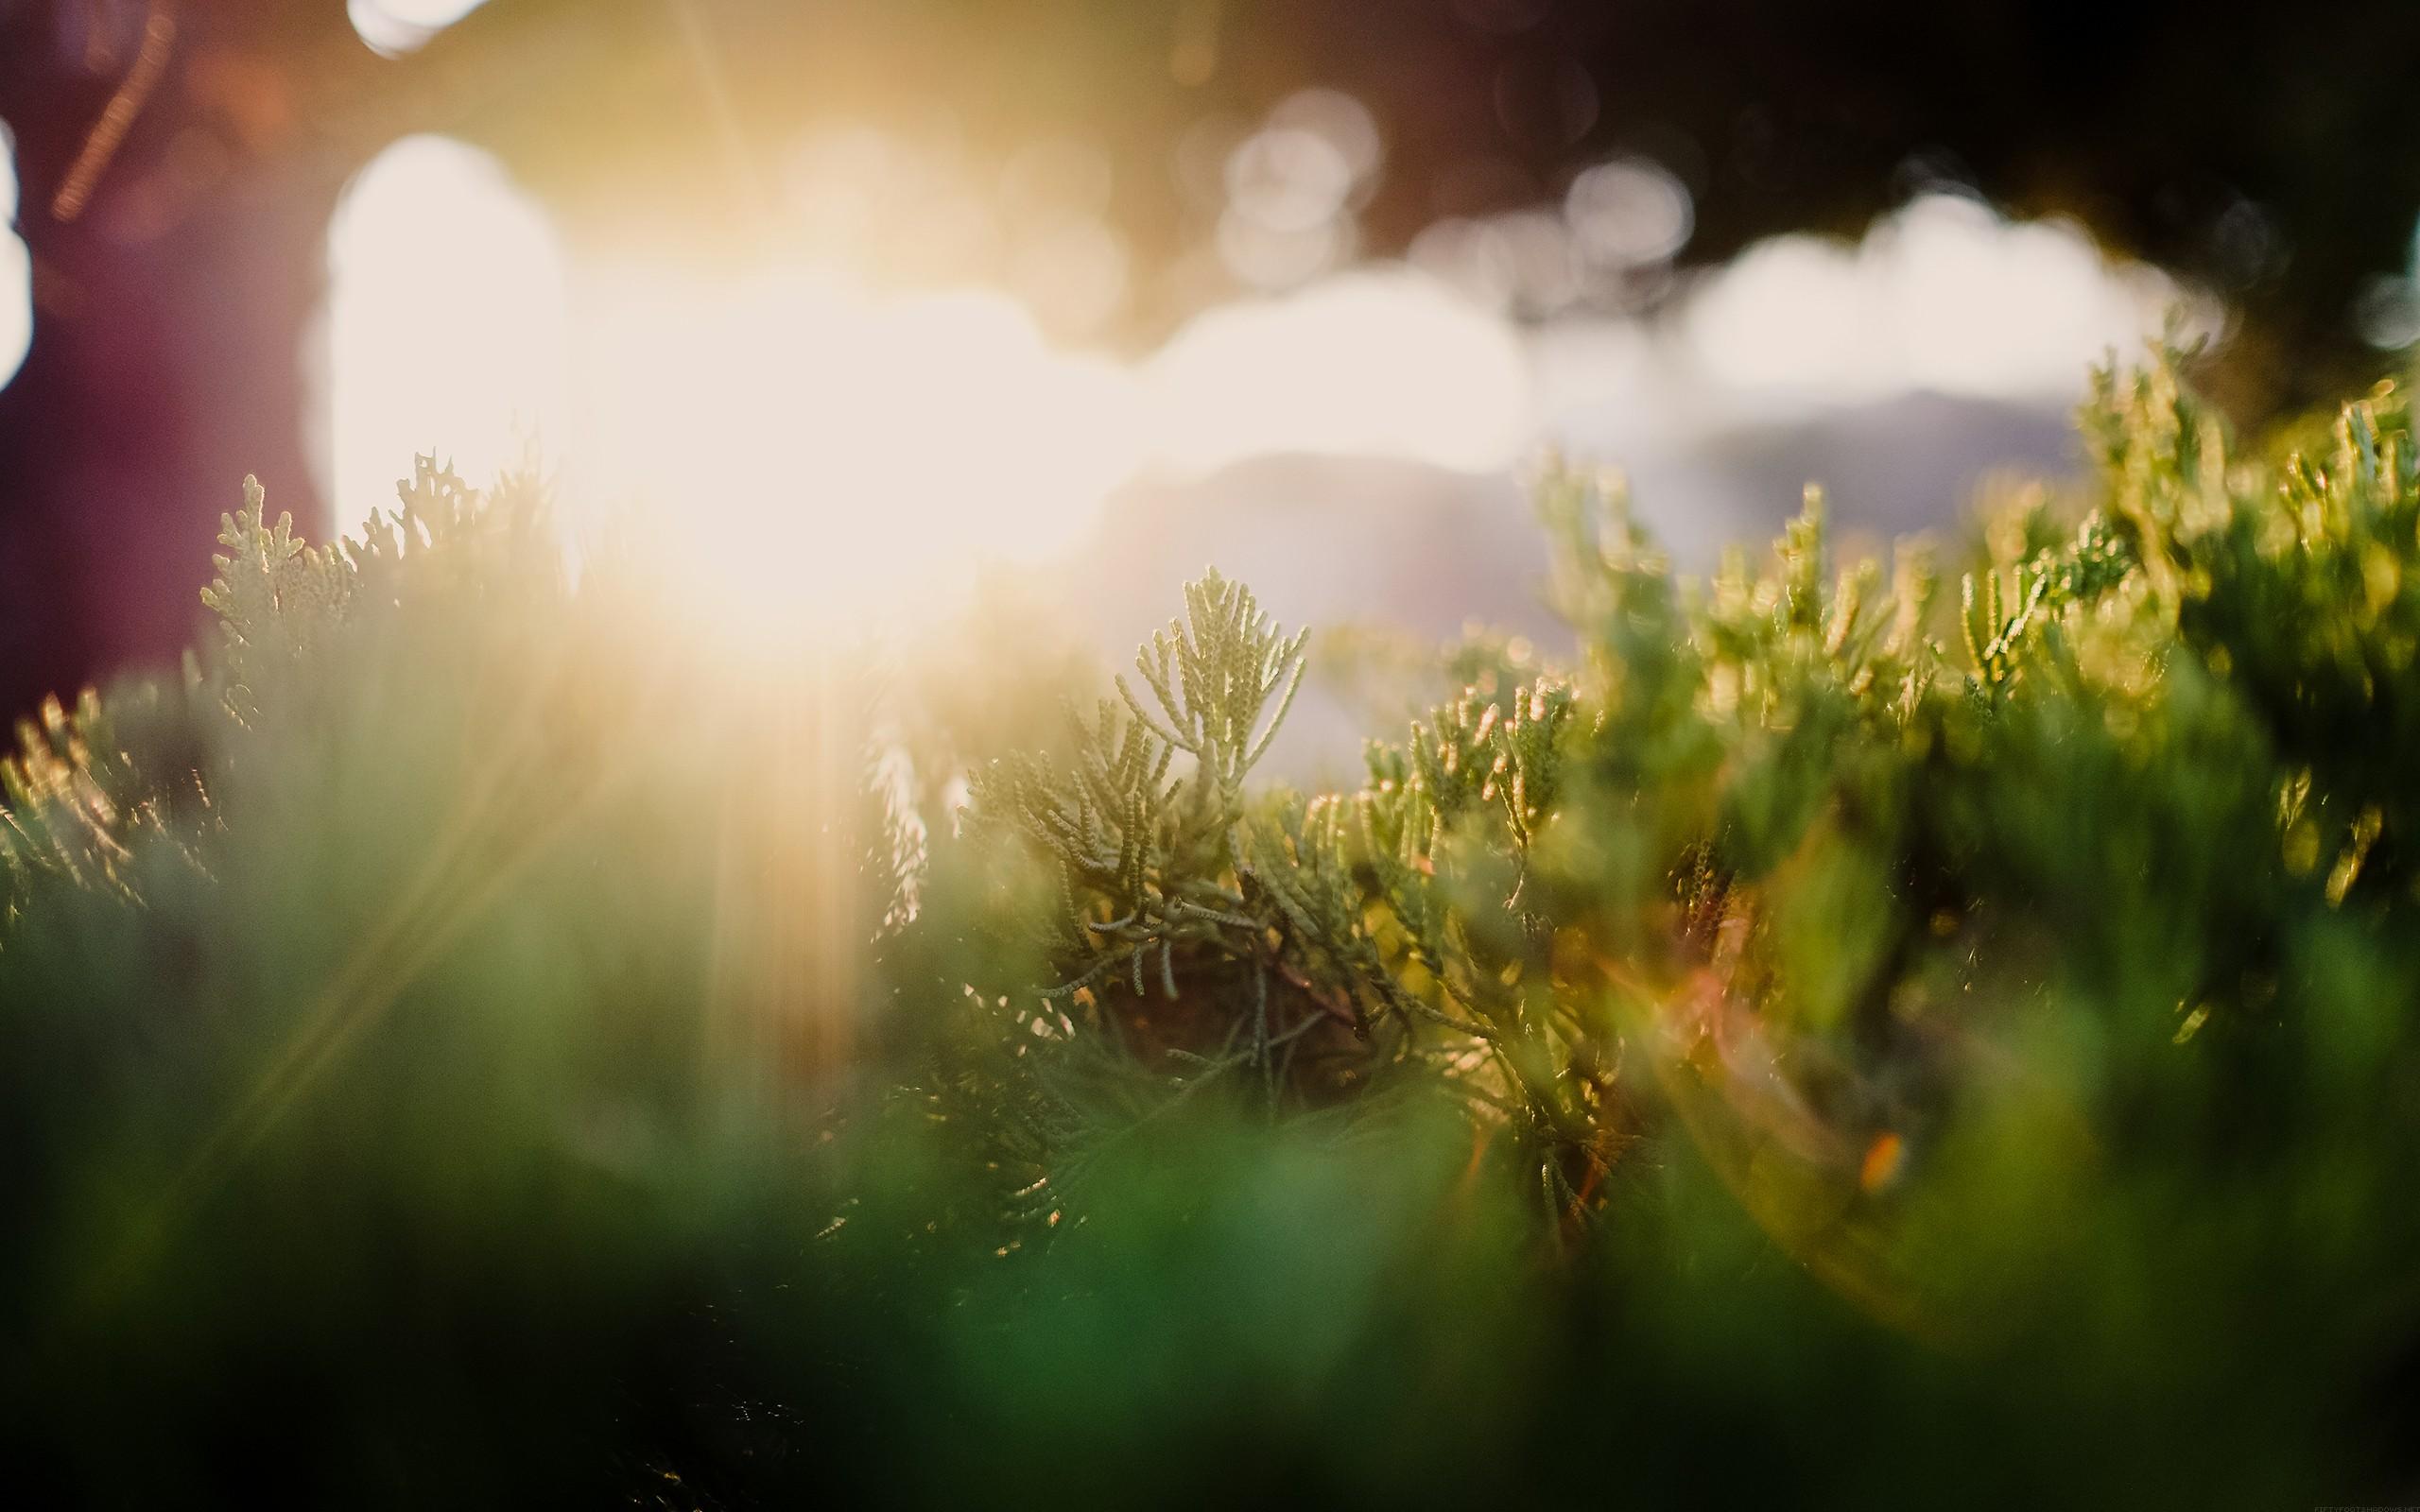 лучи солнца на траве картинки изделия уверенно